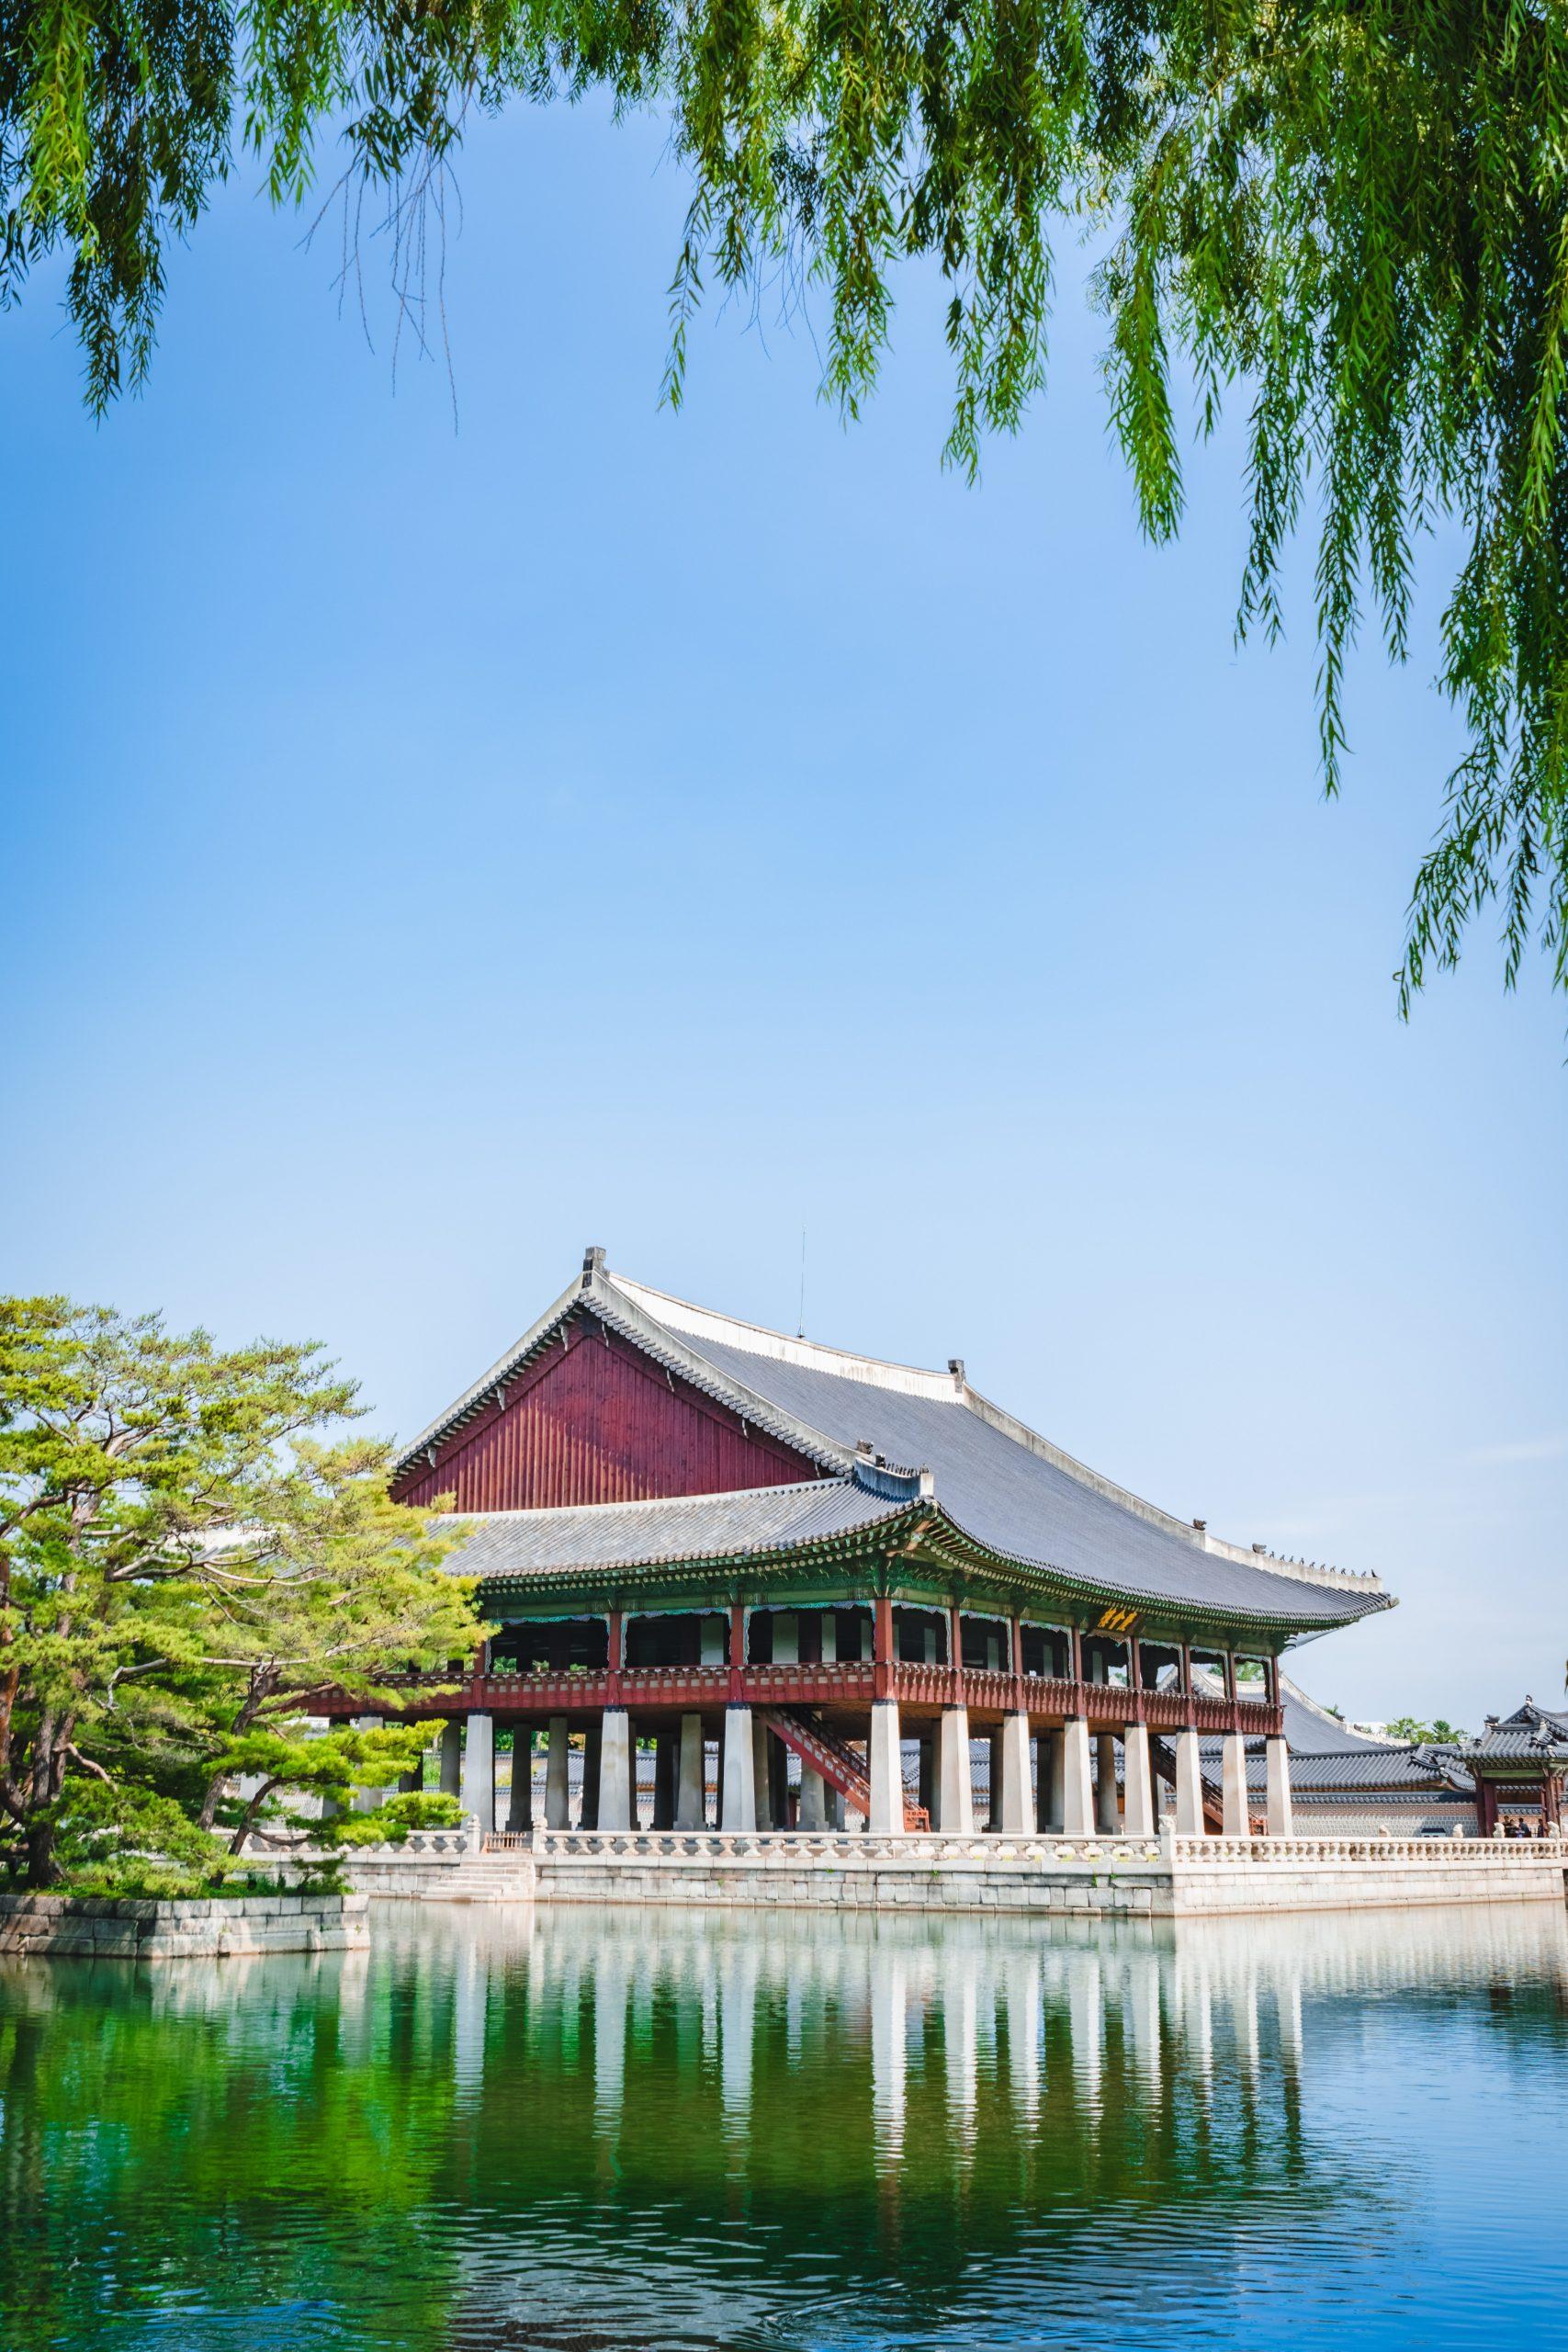 รูปภาพ : เที่ยวเกาหลี พระราชวังเคียงบกกุง (Gyeongbokgung Palace)